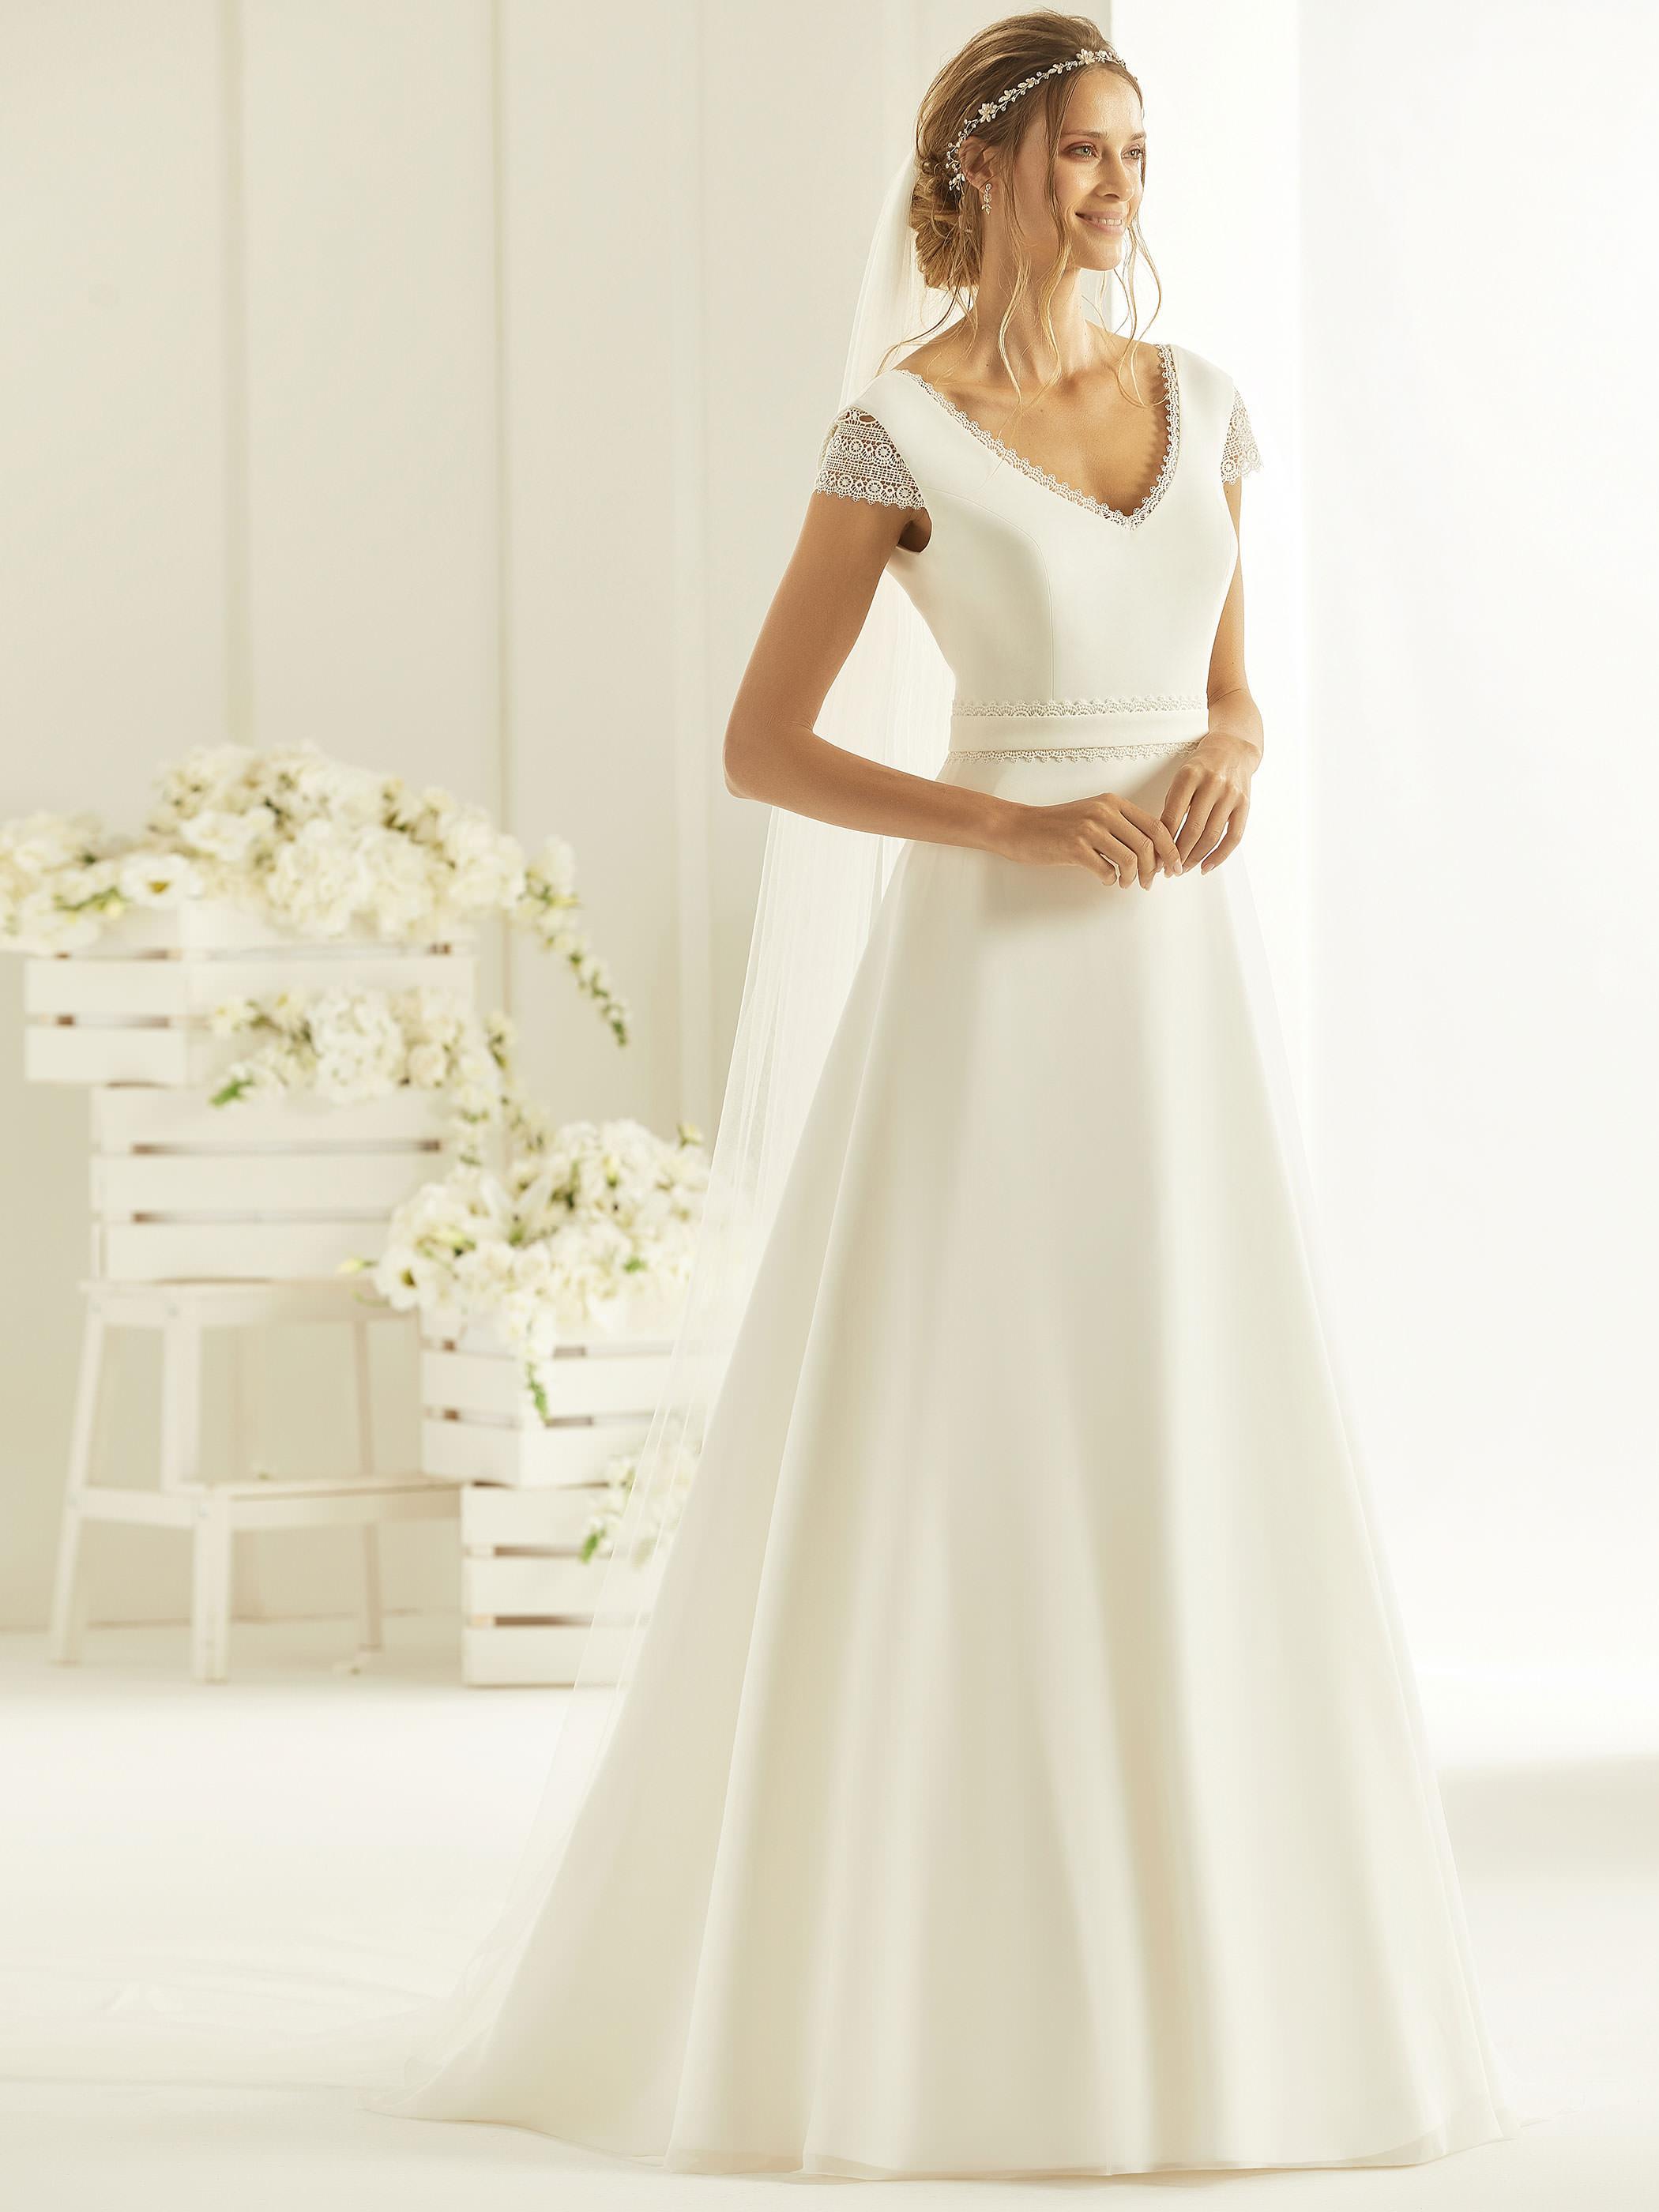 medeltida bröllopsklänning